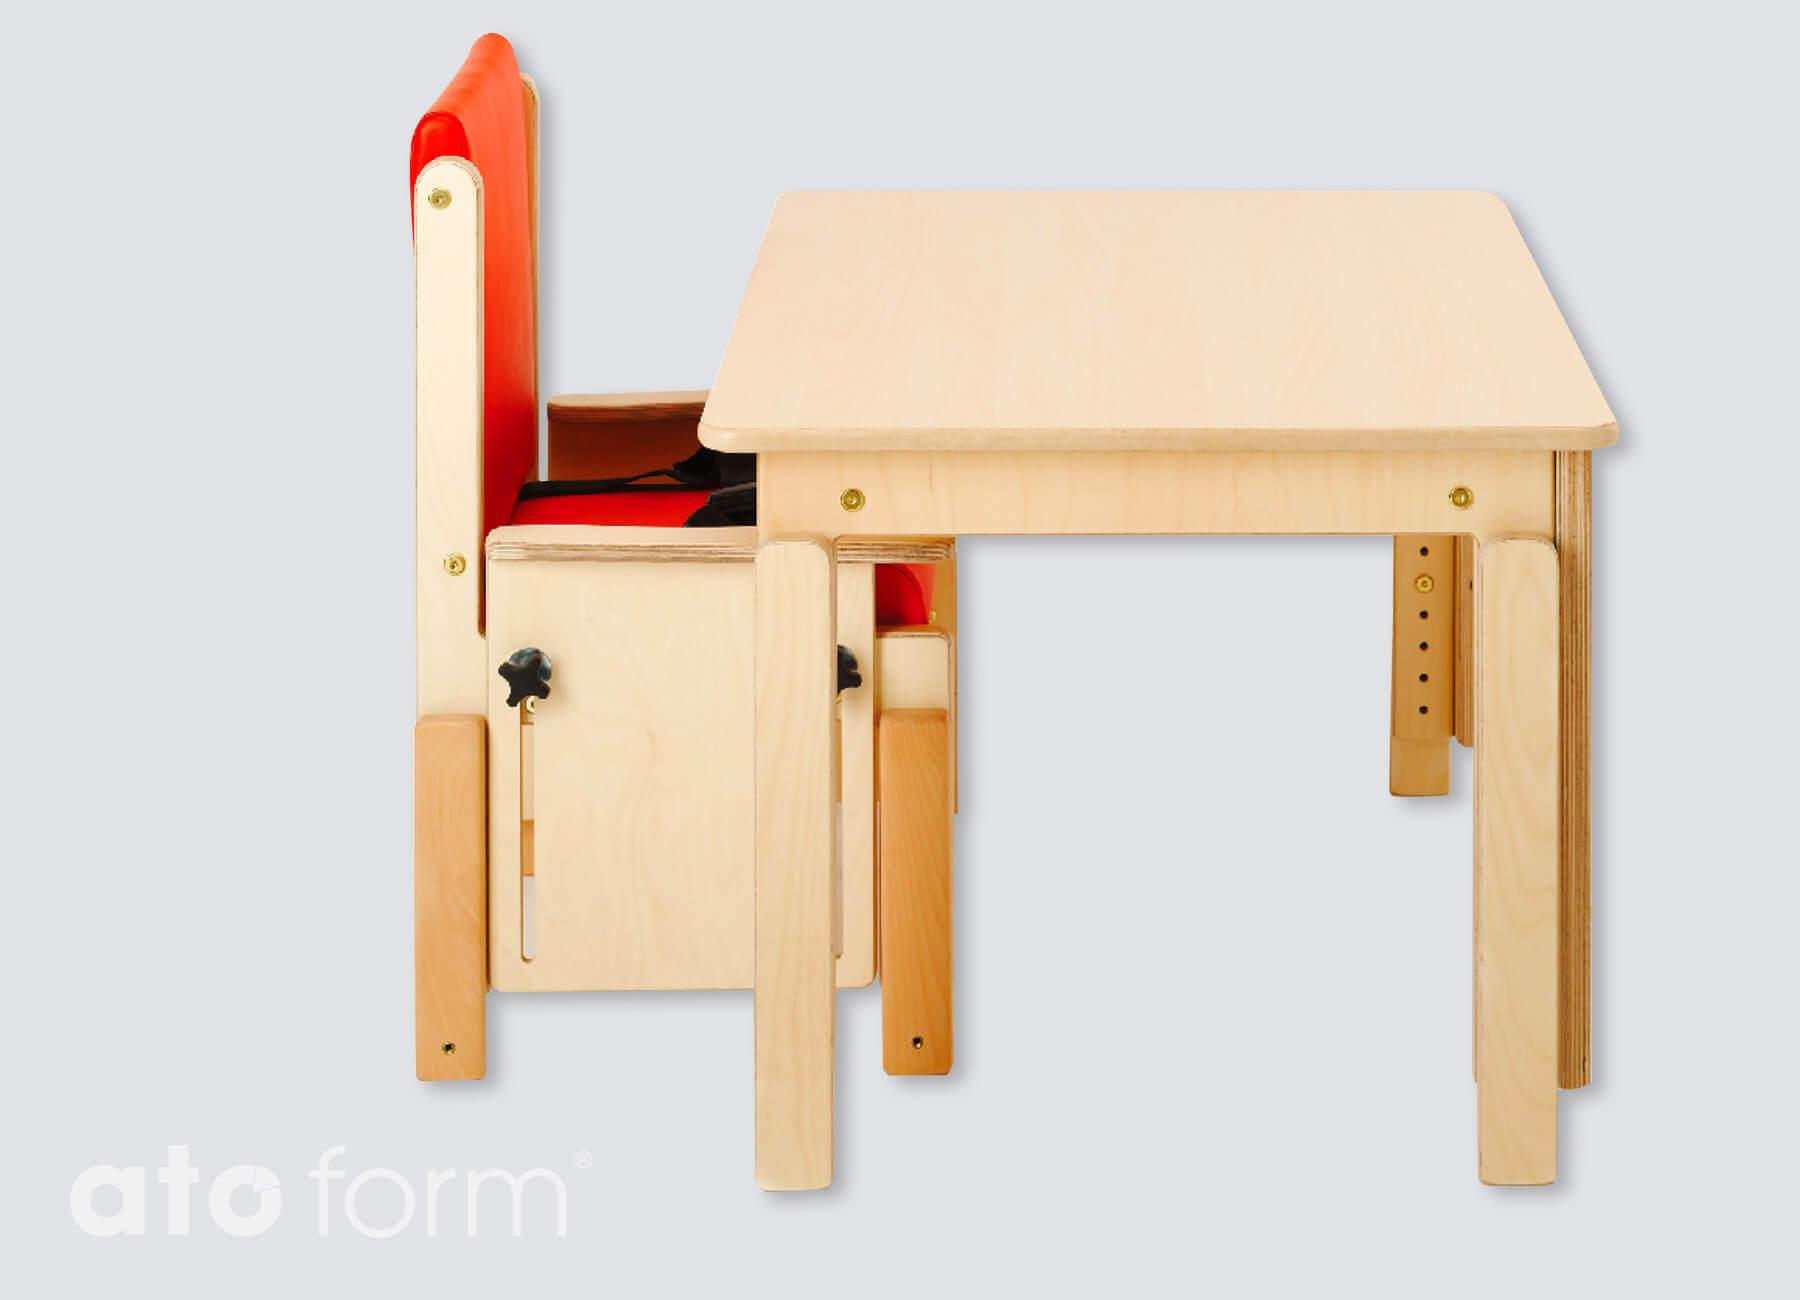 kombinierbare tische - kombi-tisch recheckig und dreieckig